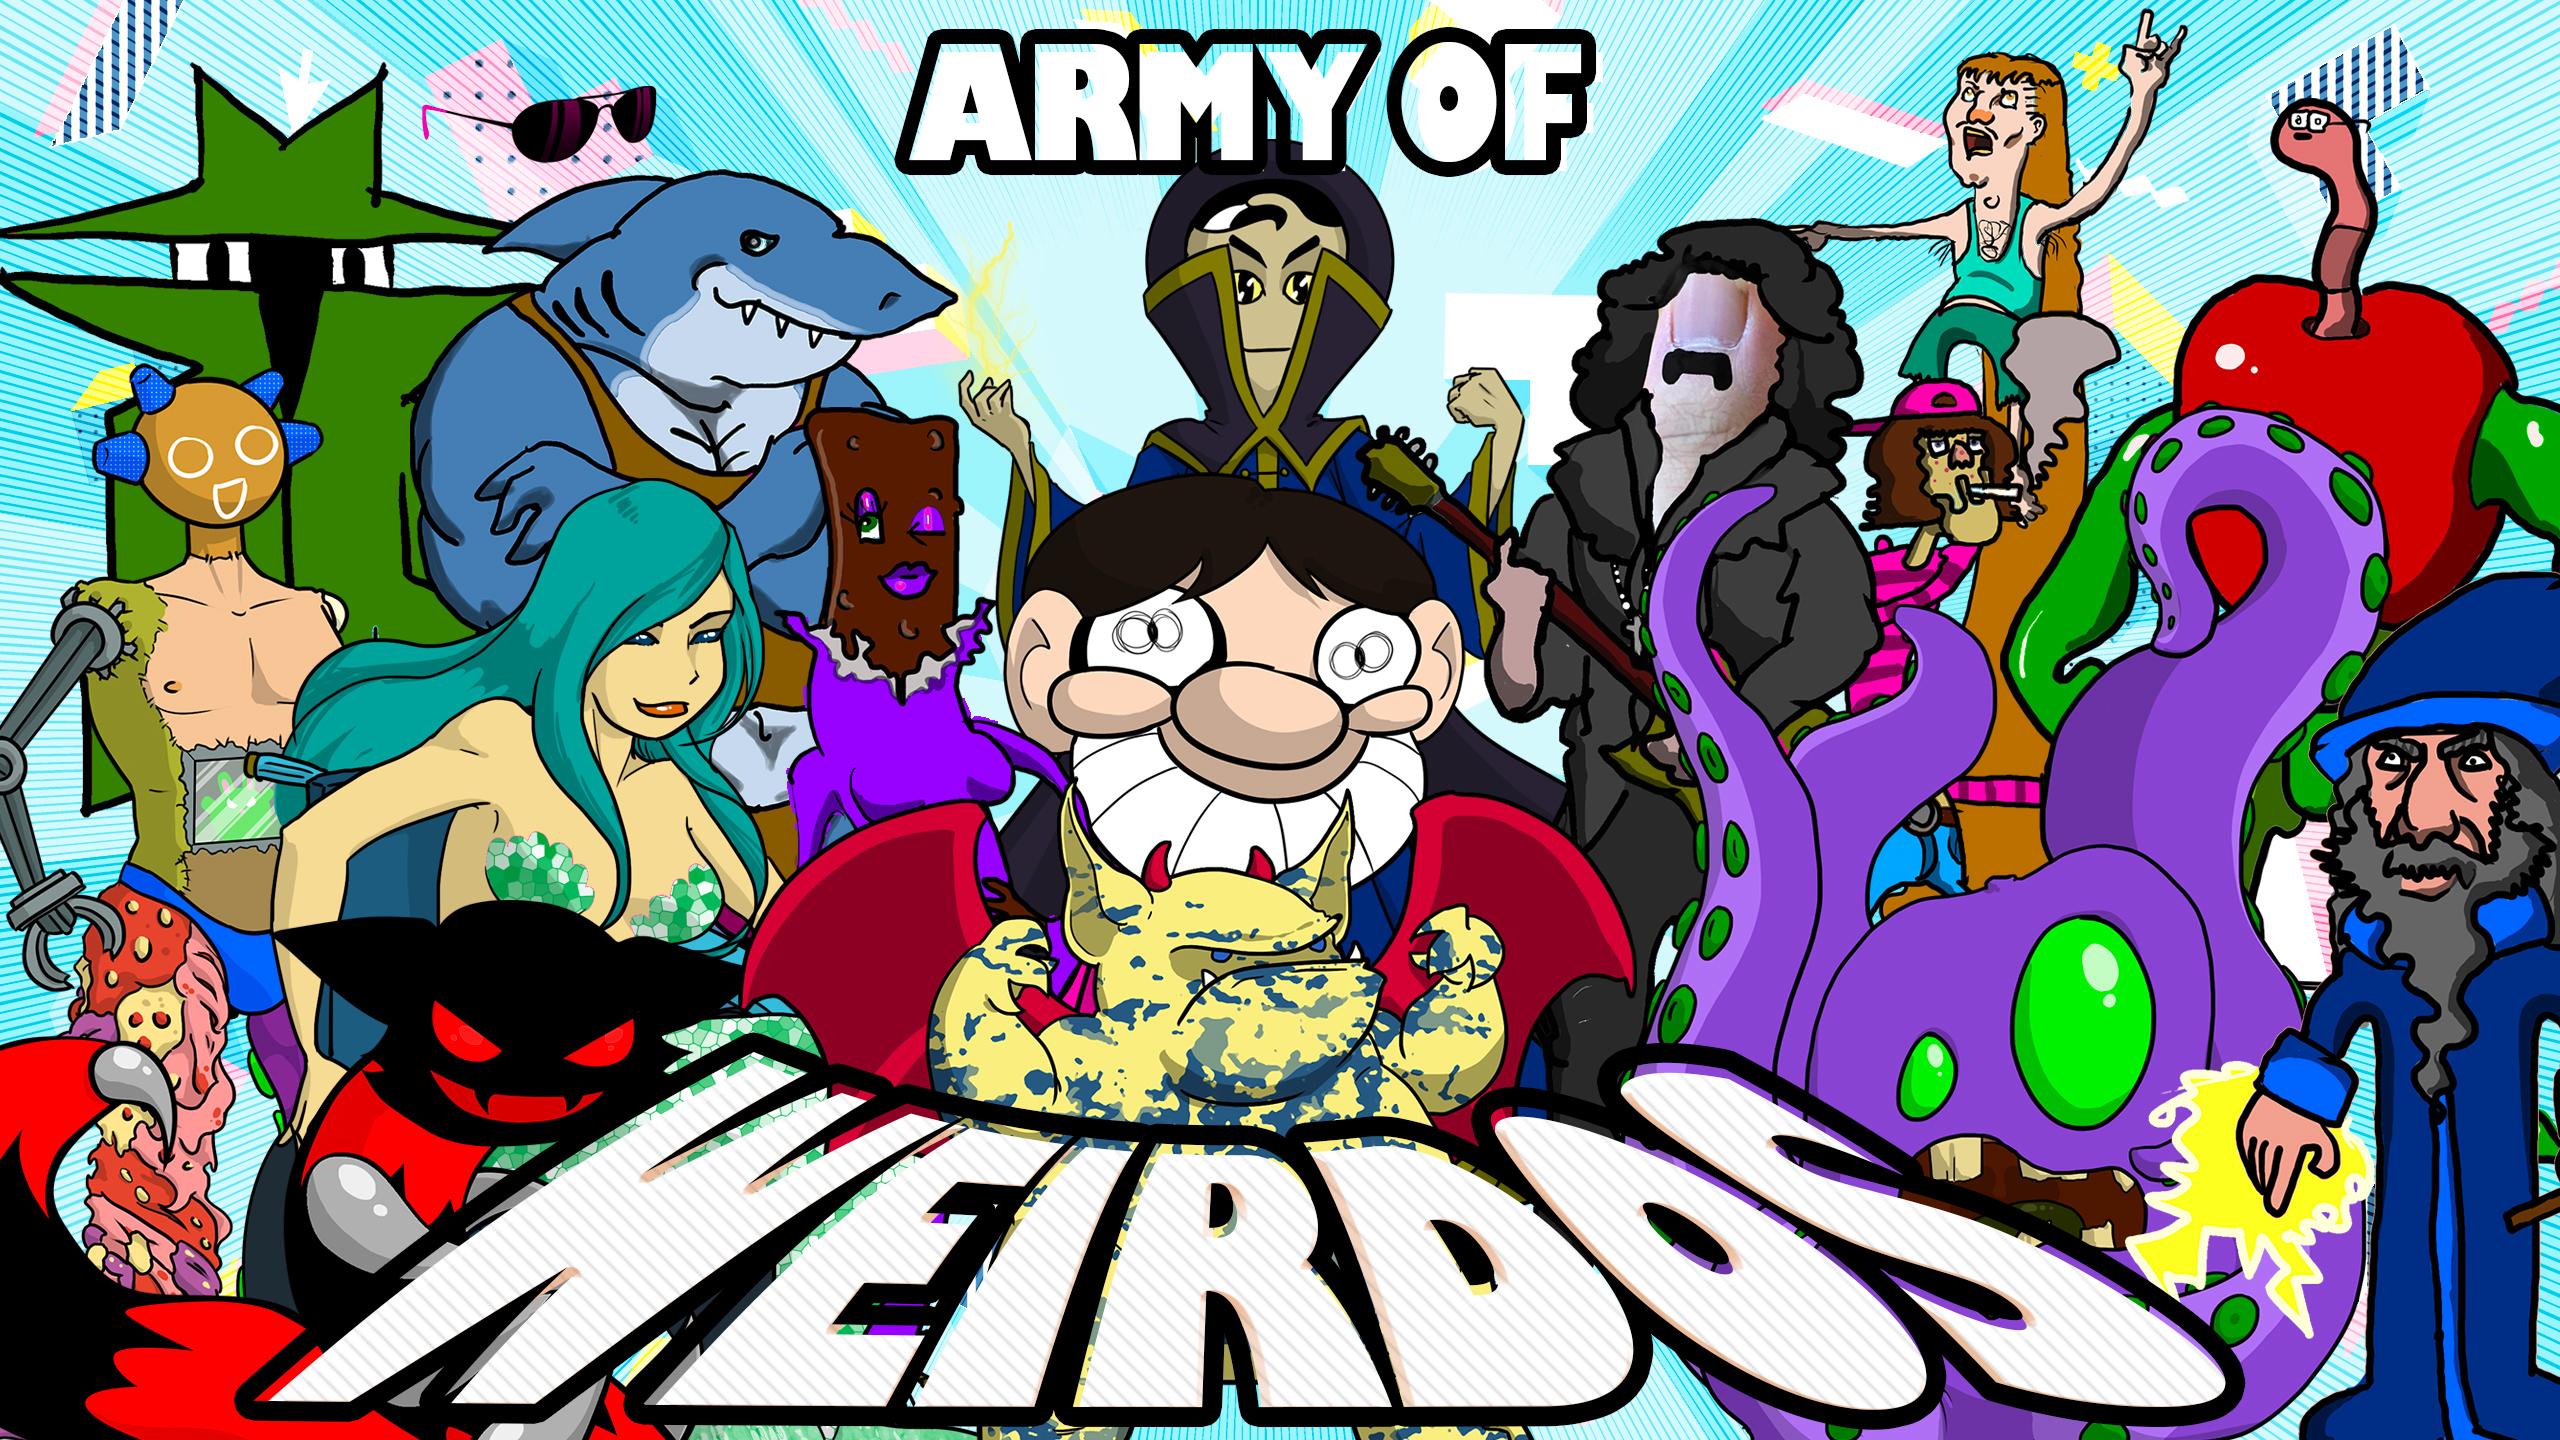 Army of Weirdos